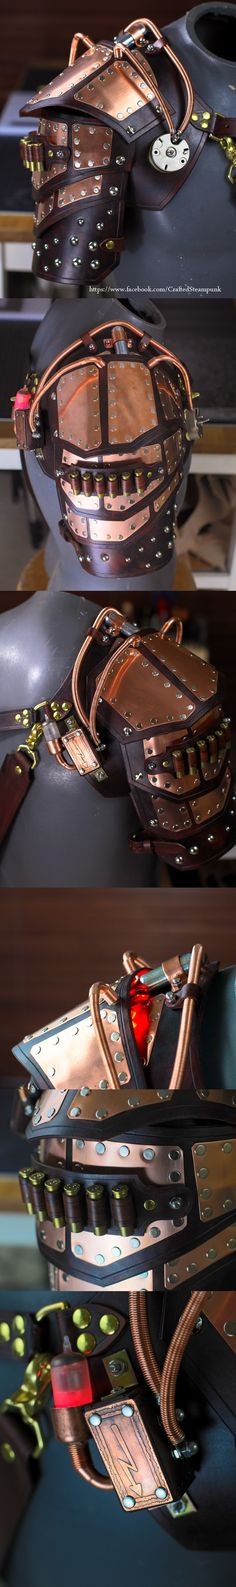 Steampunk, Powered Pauldron by CraftedSteampunk.deviantart.com on @DeviantArt